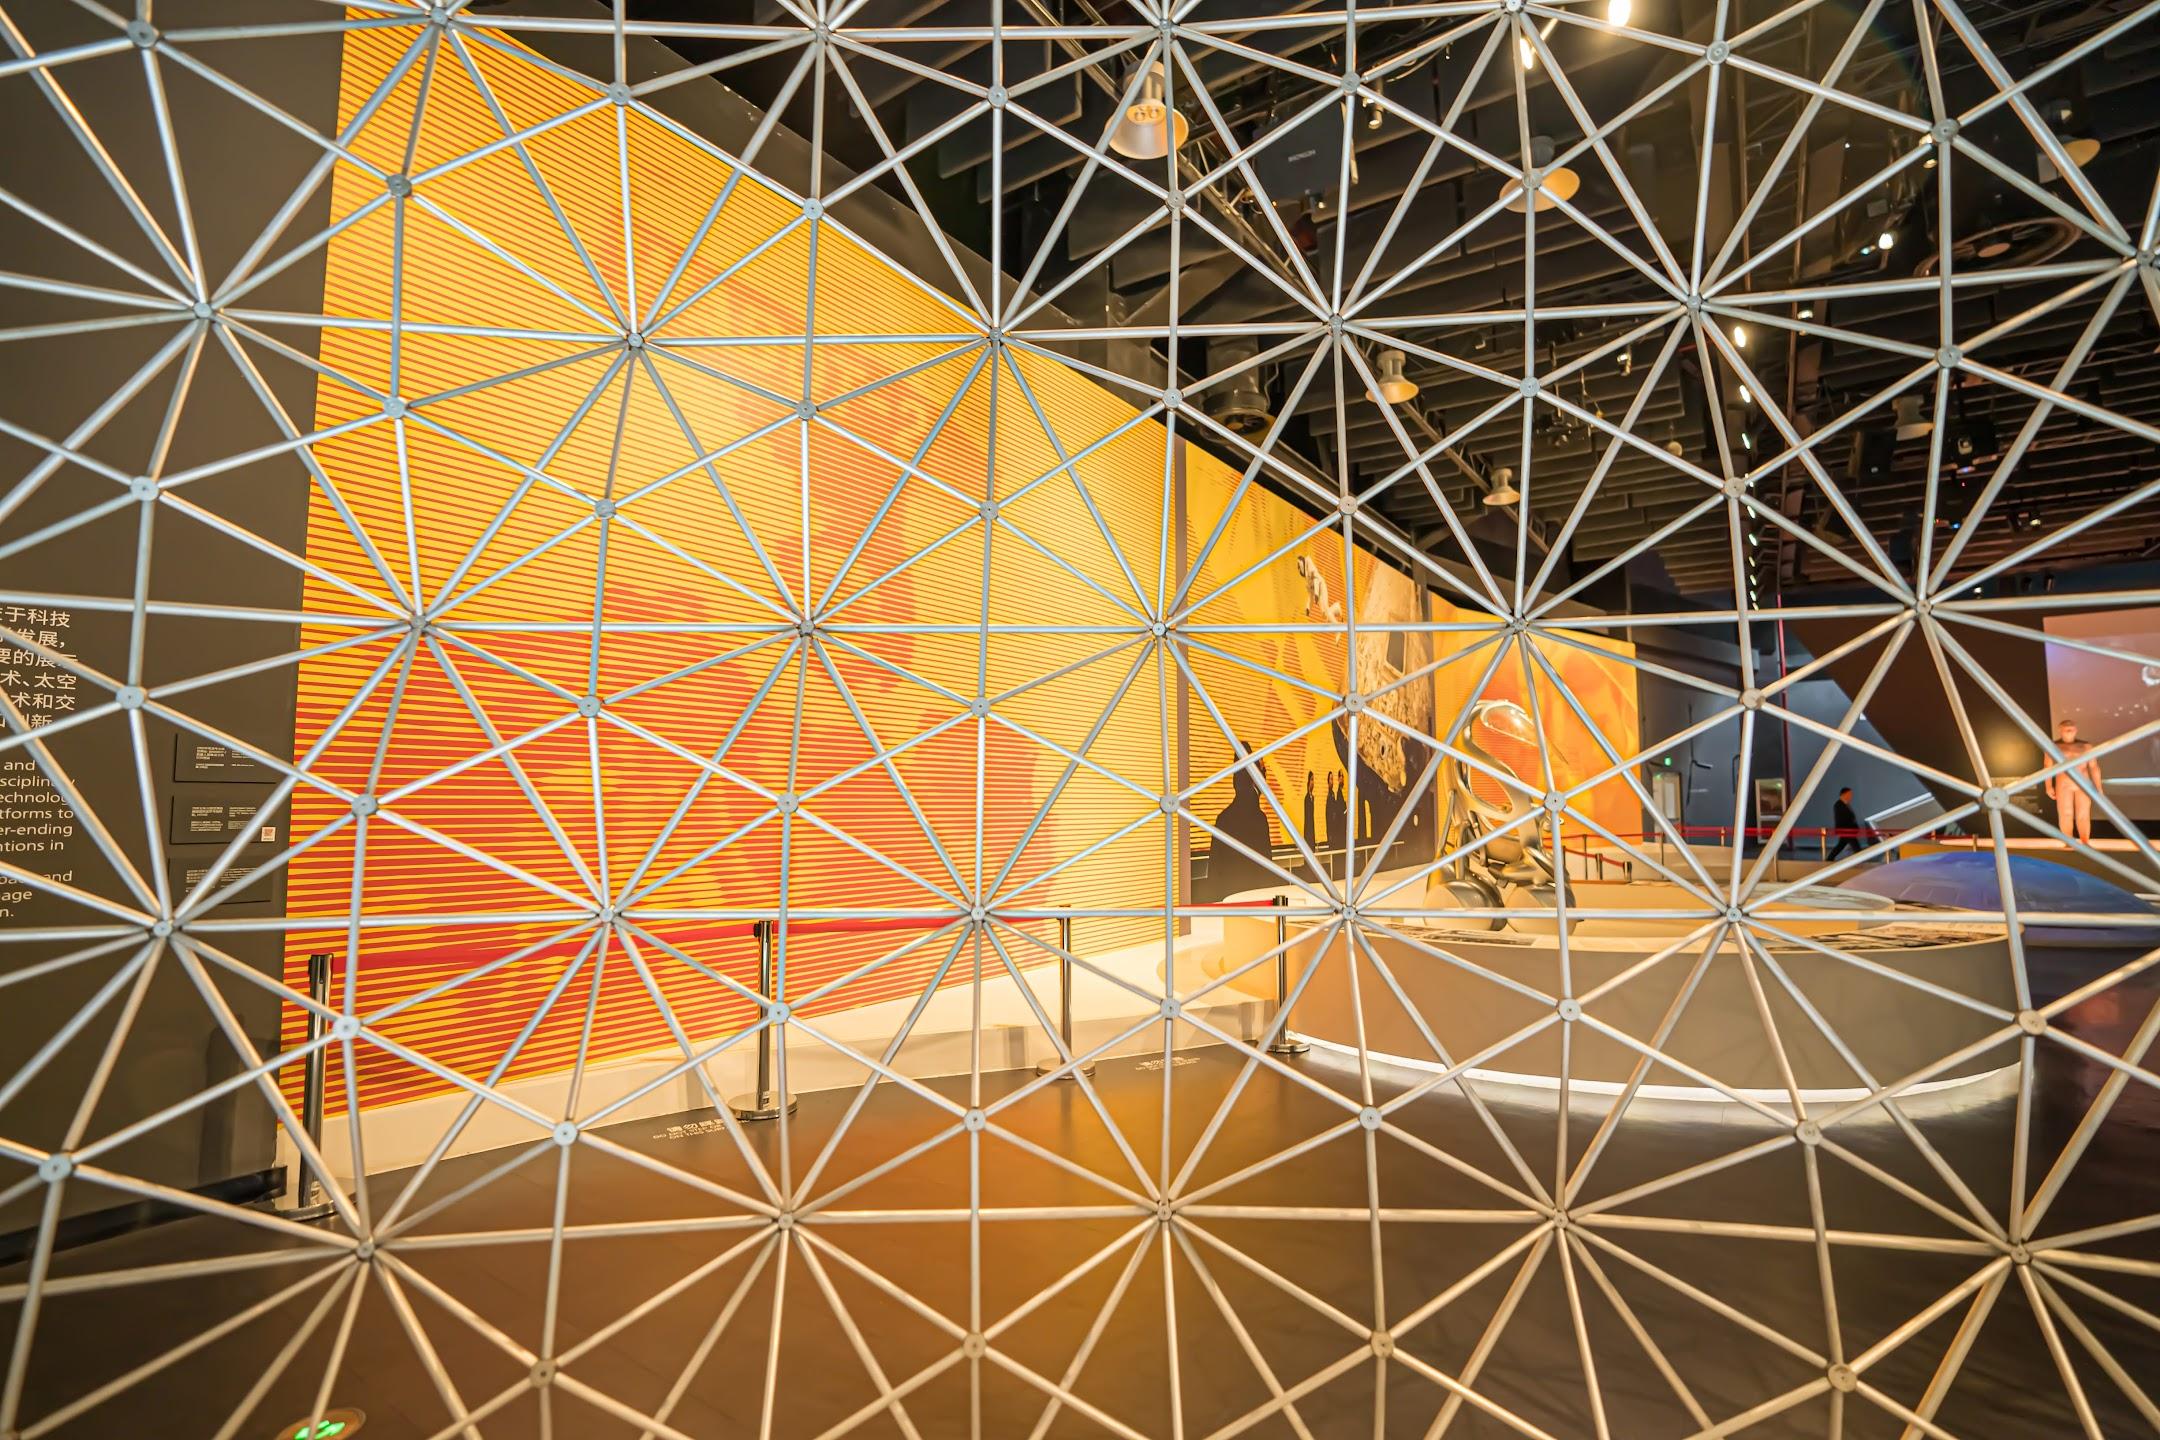 上海 世博会博物館 (World Expo Museum)4